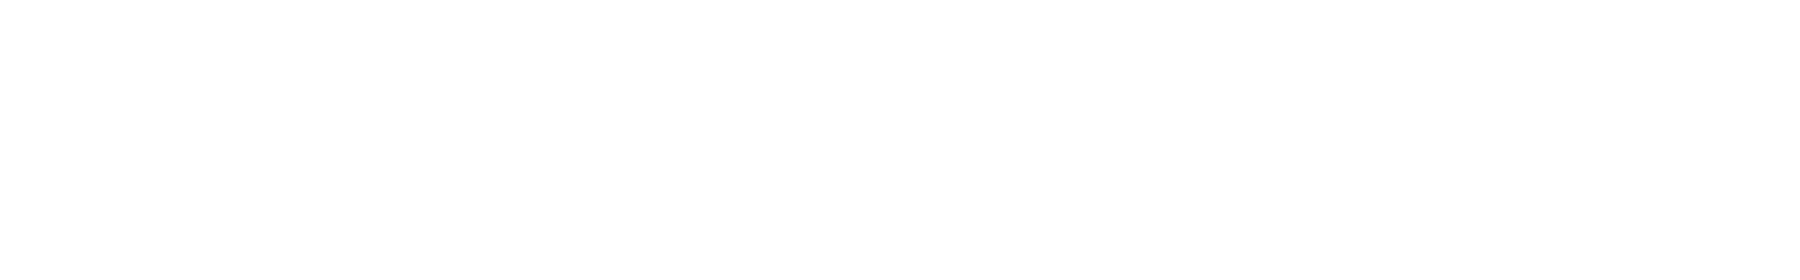 mgc 92 c fullstrings